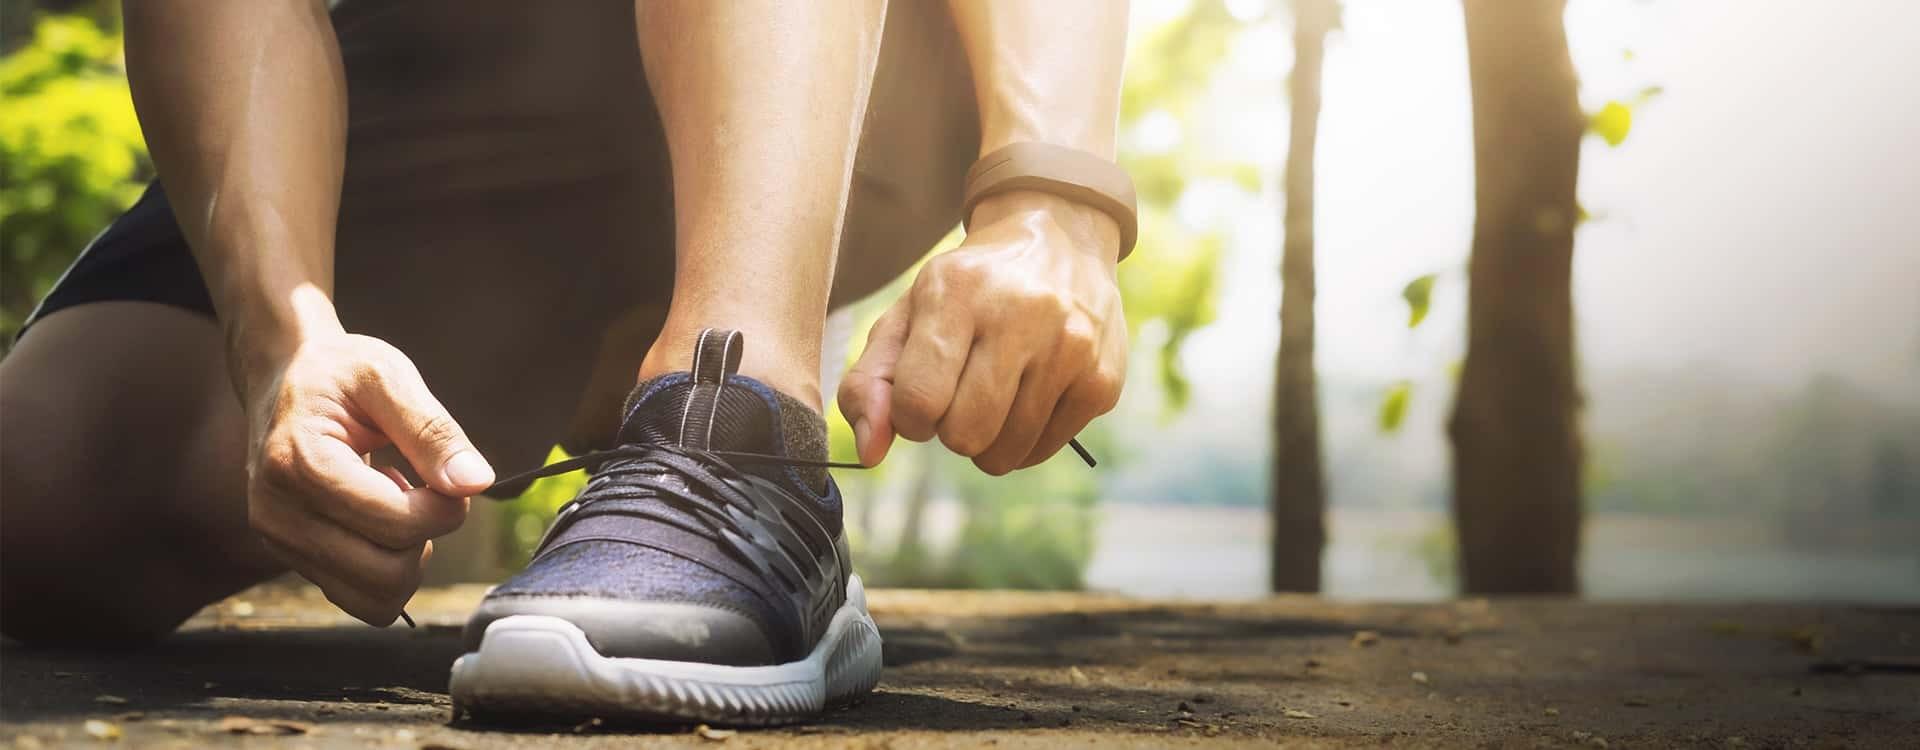 5 razones para transformar tus hábitos, y ser más saludable